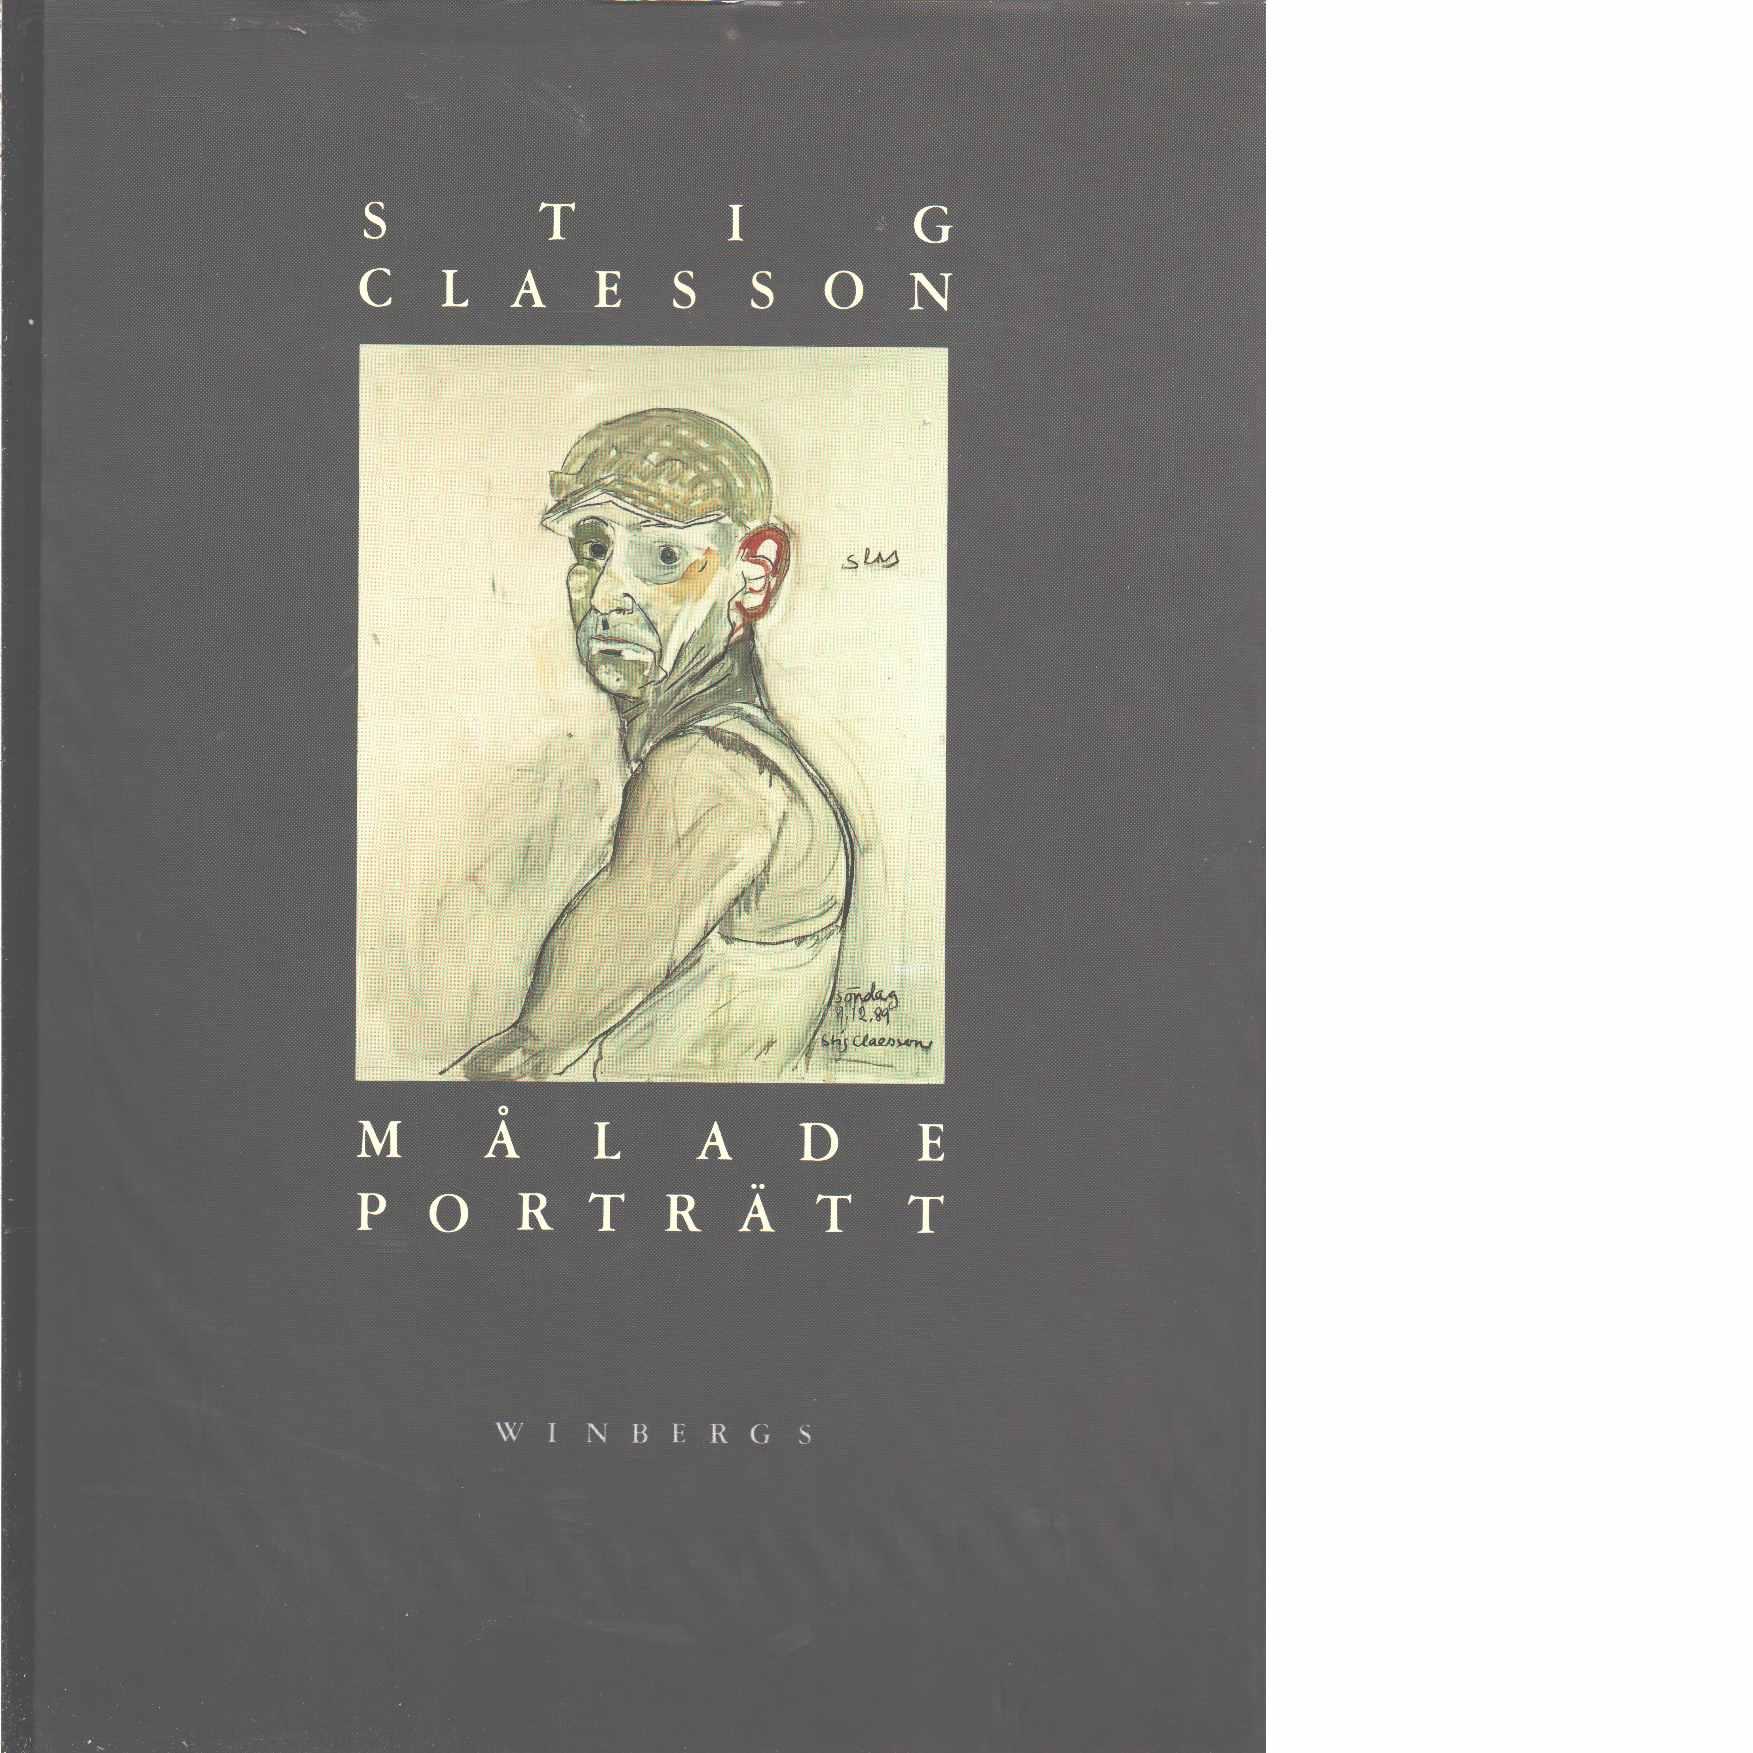 Målade porträtt  - Claesson, Stig